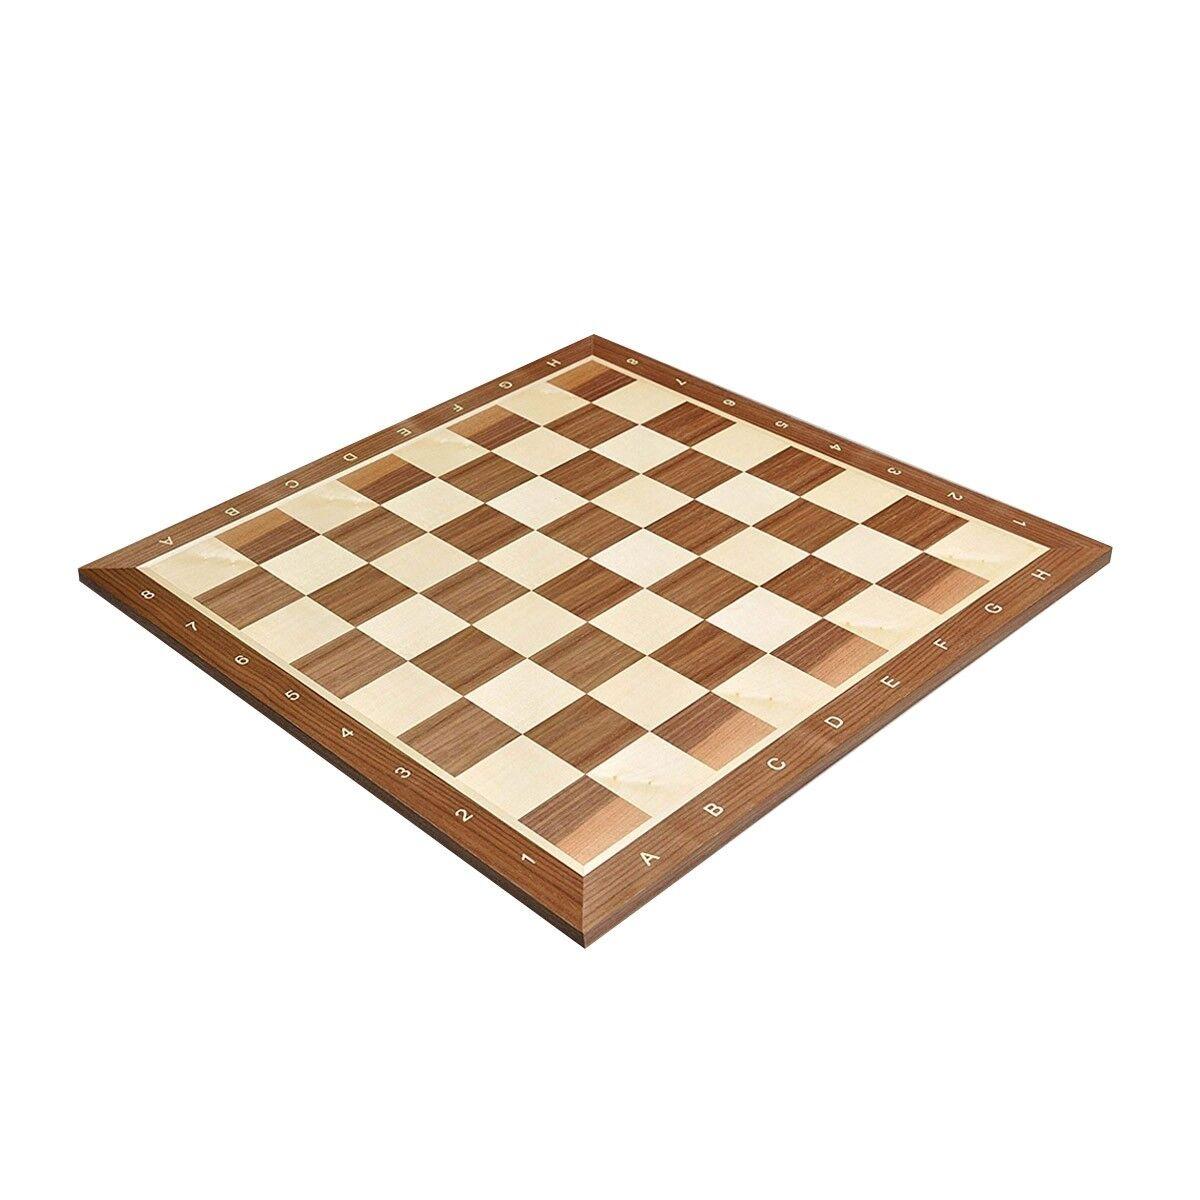 Walnut & Maple Wooden Chess tavola  - 2.0  With Notation  migliori prezzi e stili più freschi